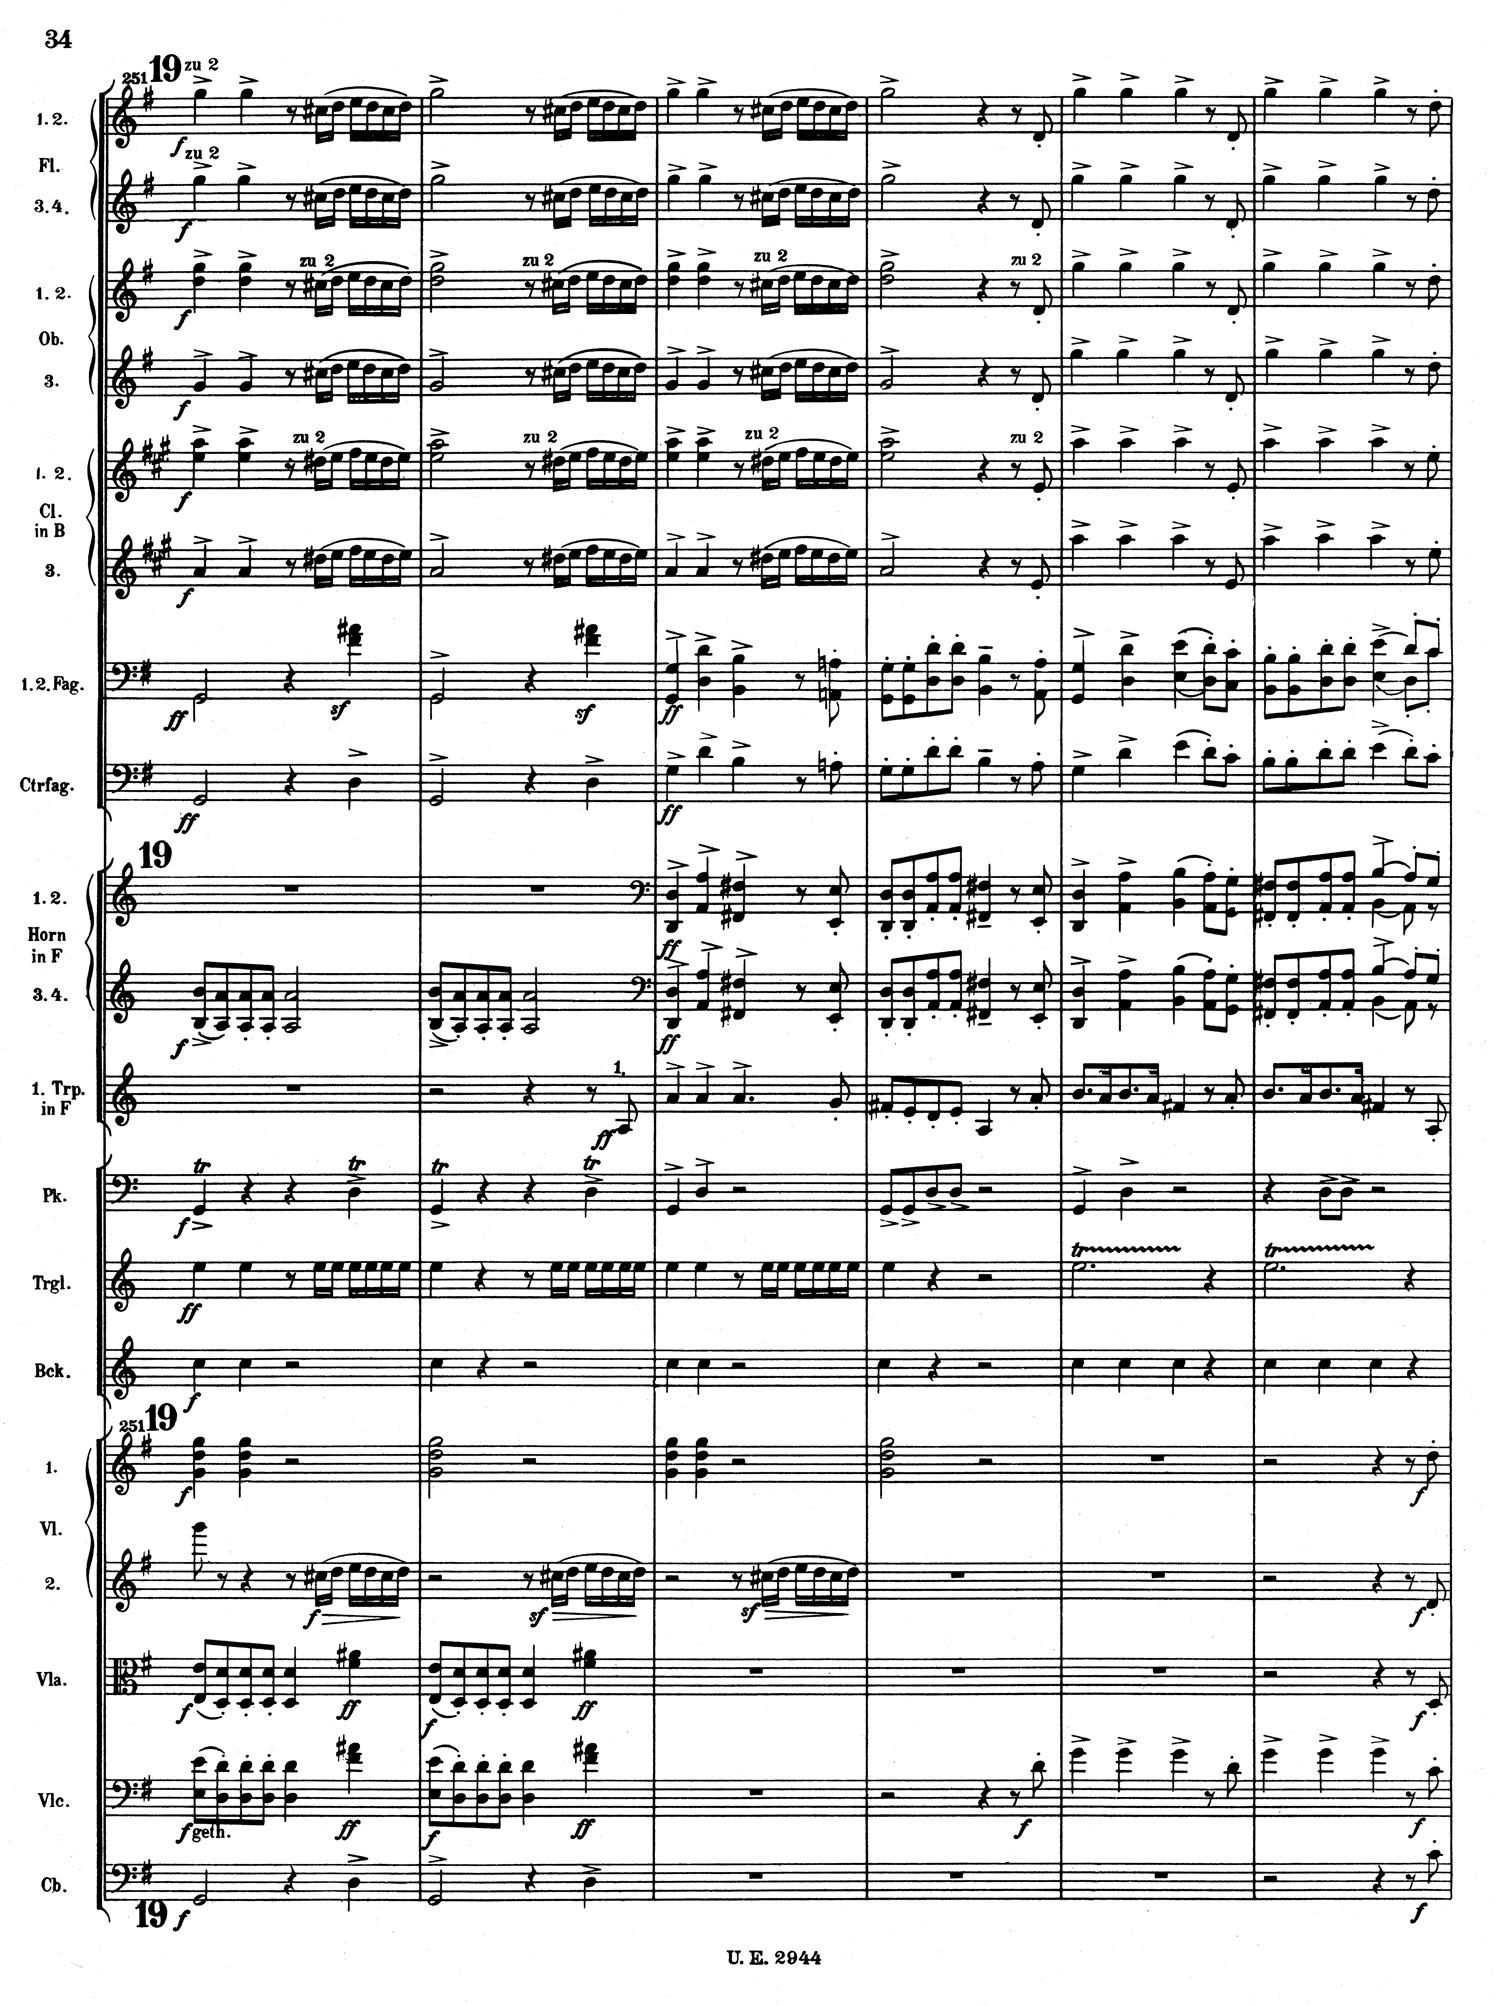 Mahler 4 Score 5.jpg